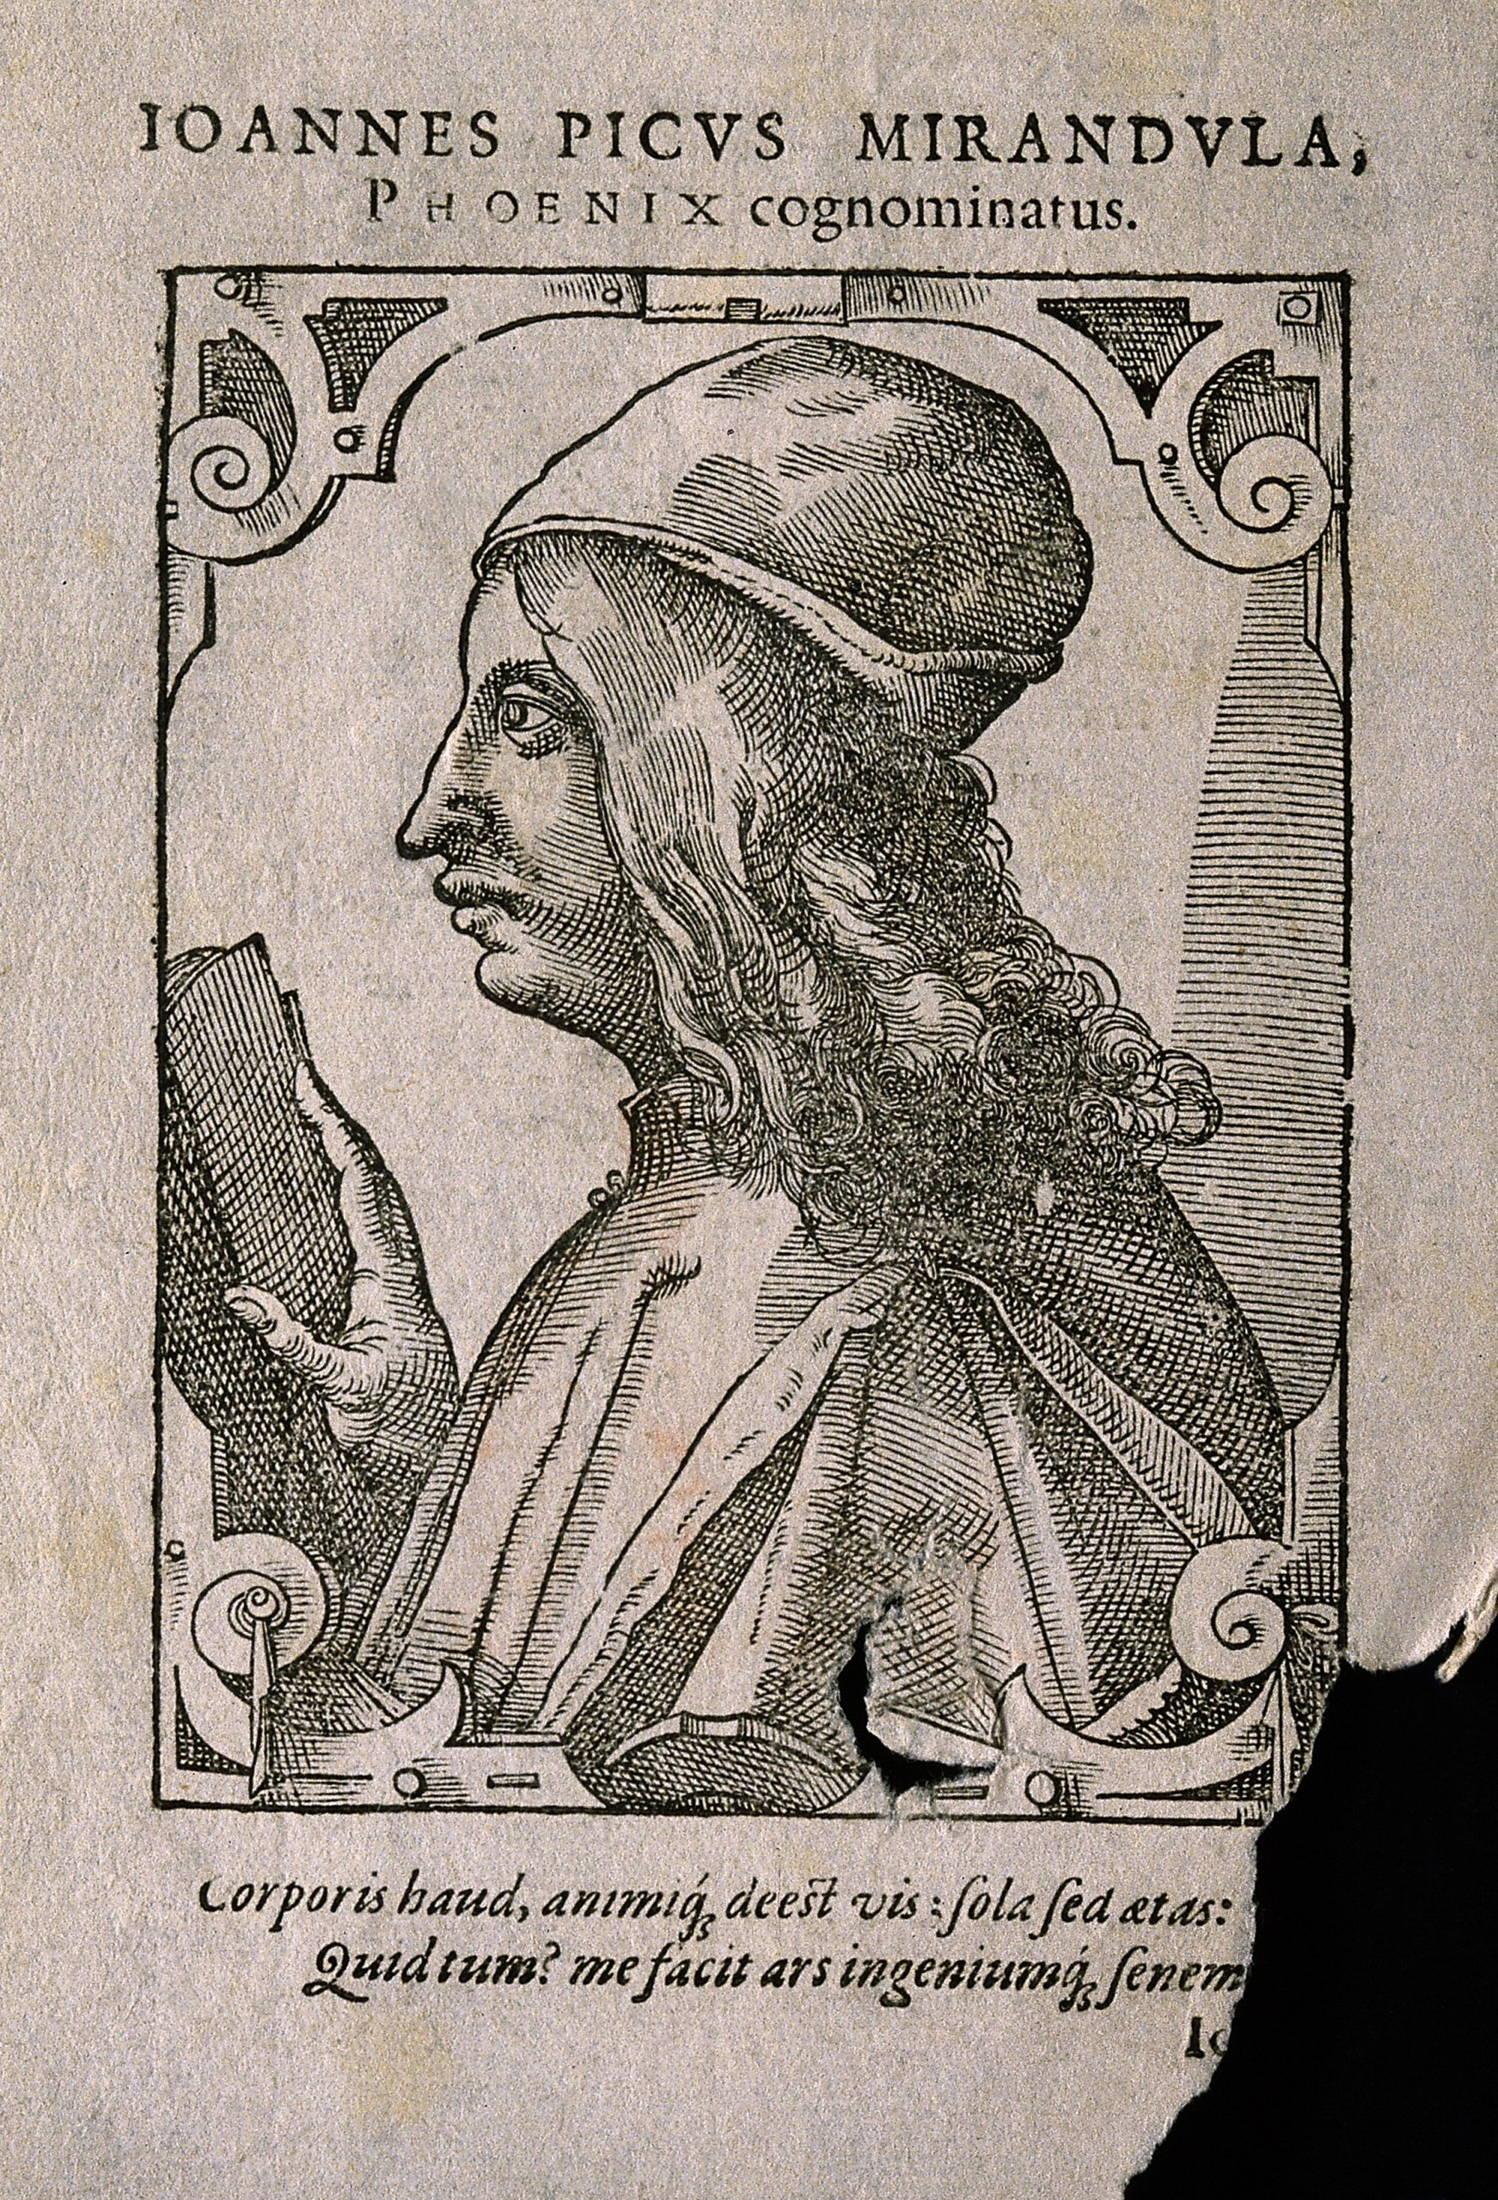 Giovanni Pico della Mirandola (Johannes Picus Mirandulanus). Wellcome V0004659EL